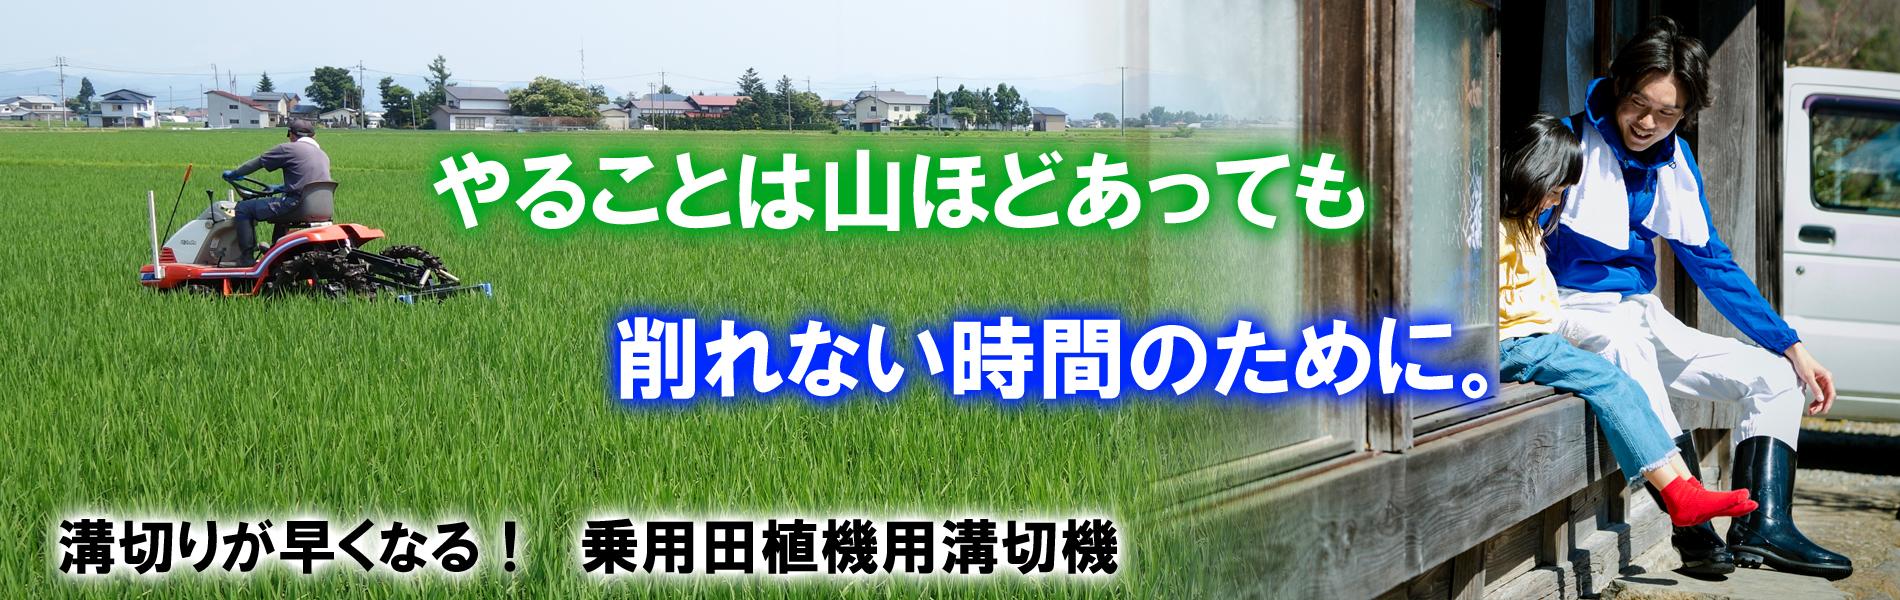 乗用田植機用溝切機PDS-2x